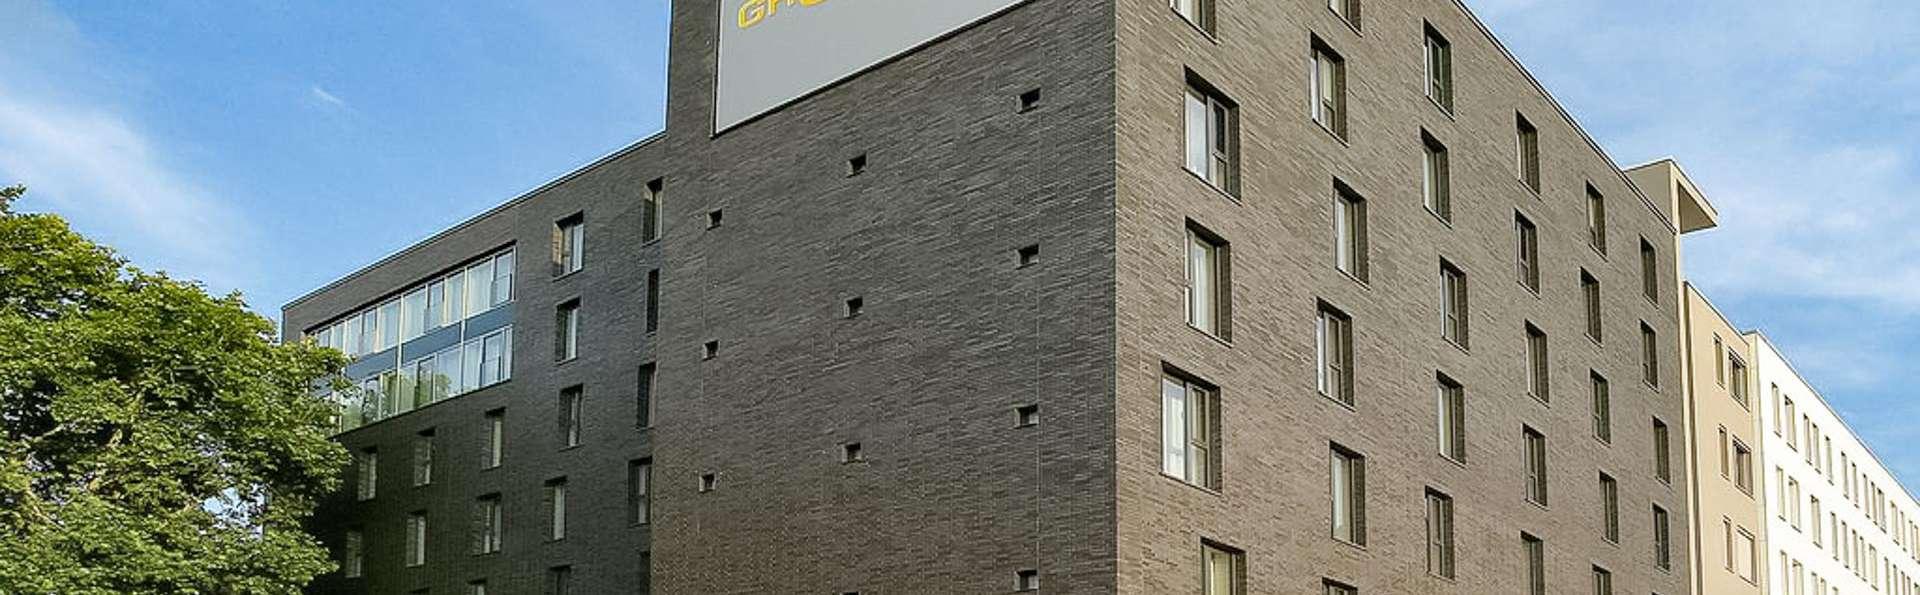 Ghotel Hotel & Living Koblenz - EDIT_FRONT_01.jpg